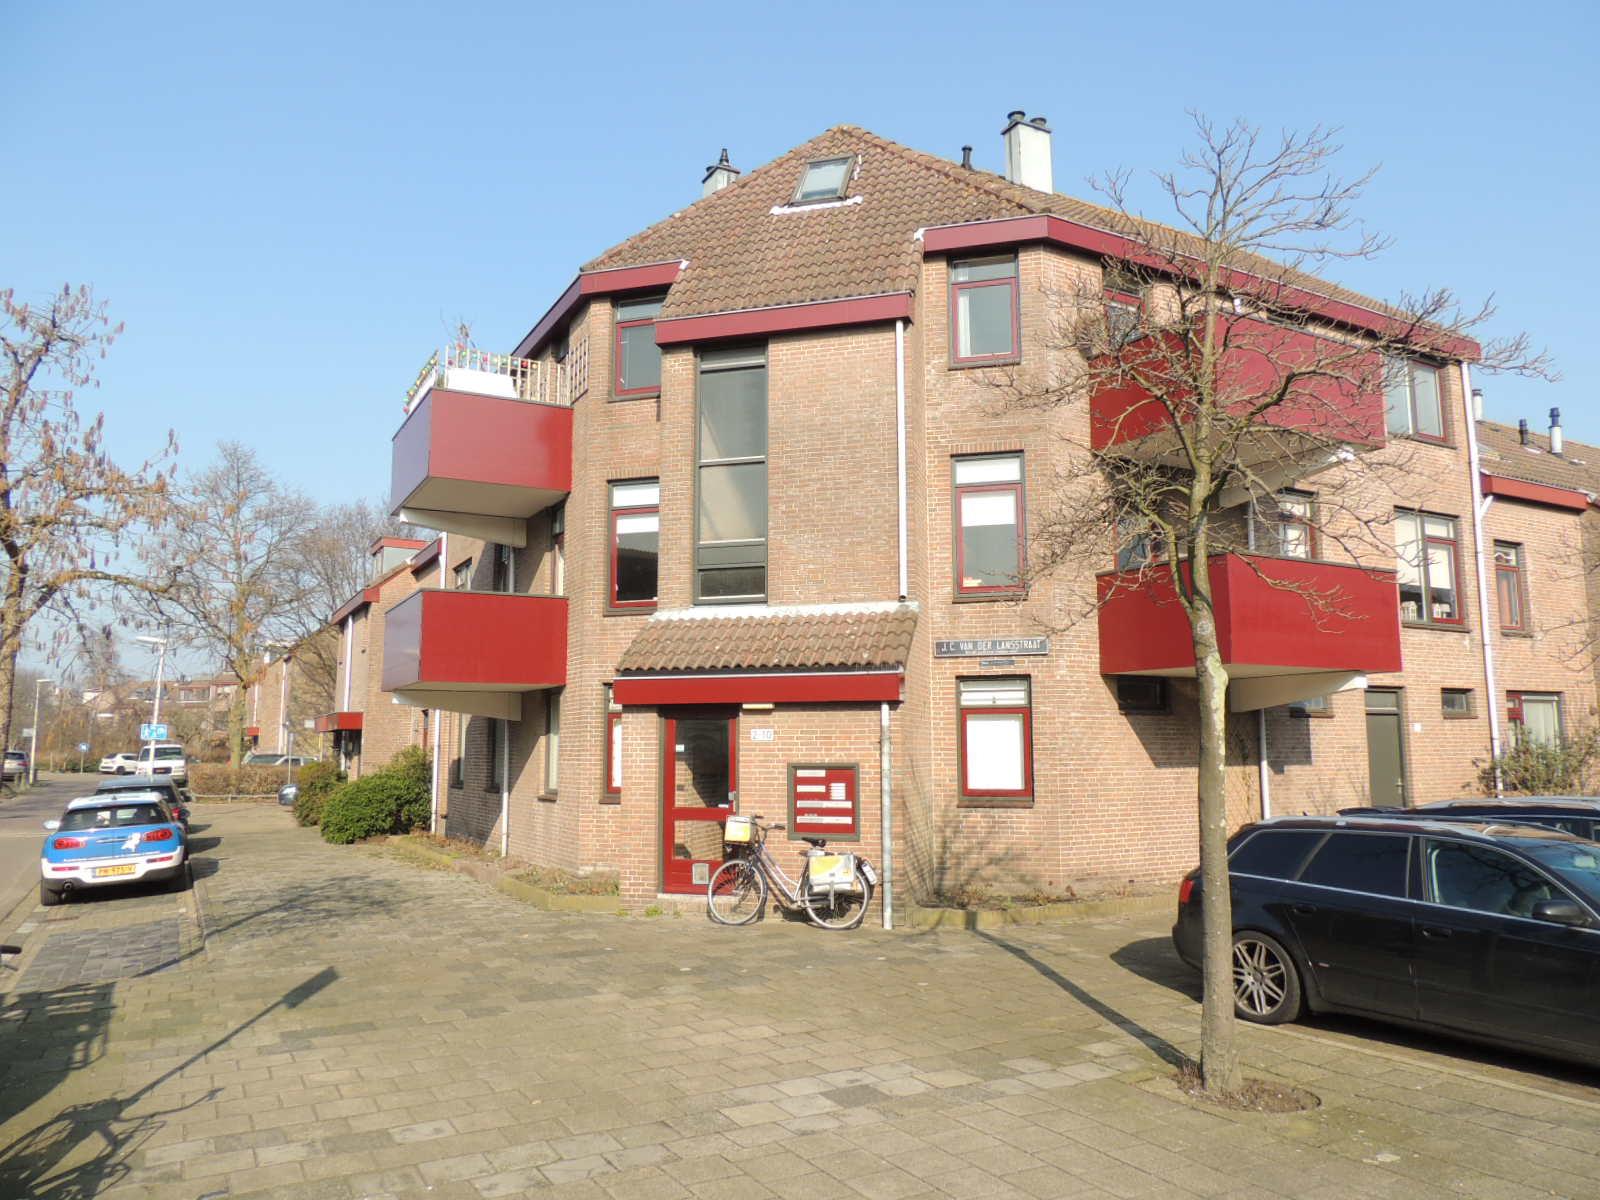 J.C. van der Lansstraat, The Hague